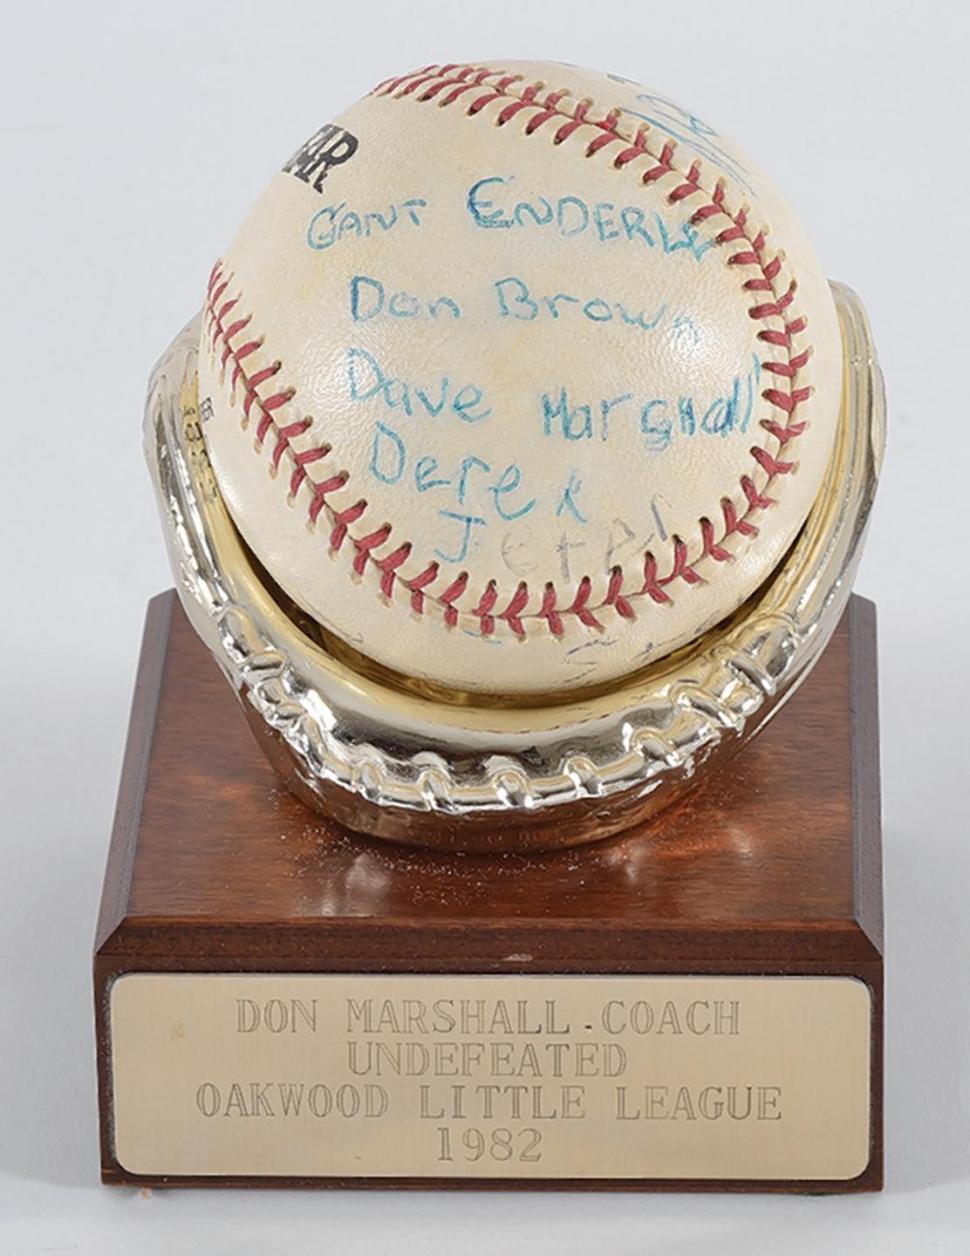 Jeter Little League autograph